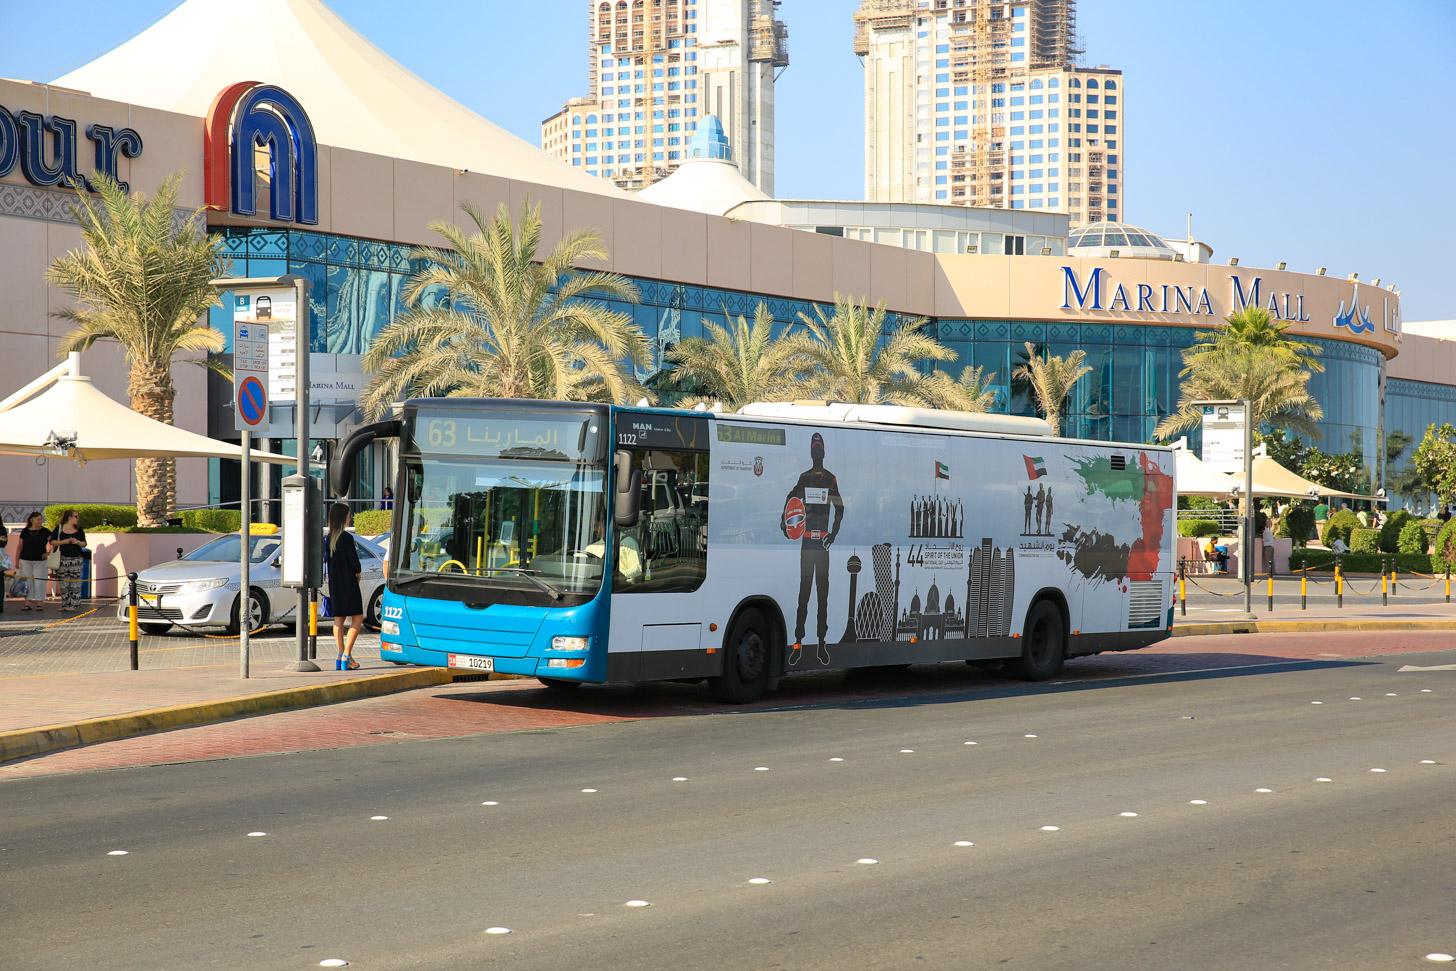 De bus als openbaar vervoer